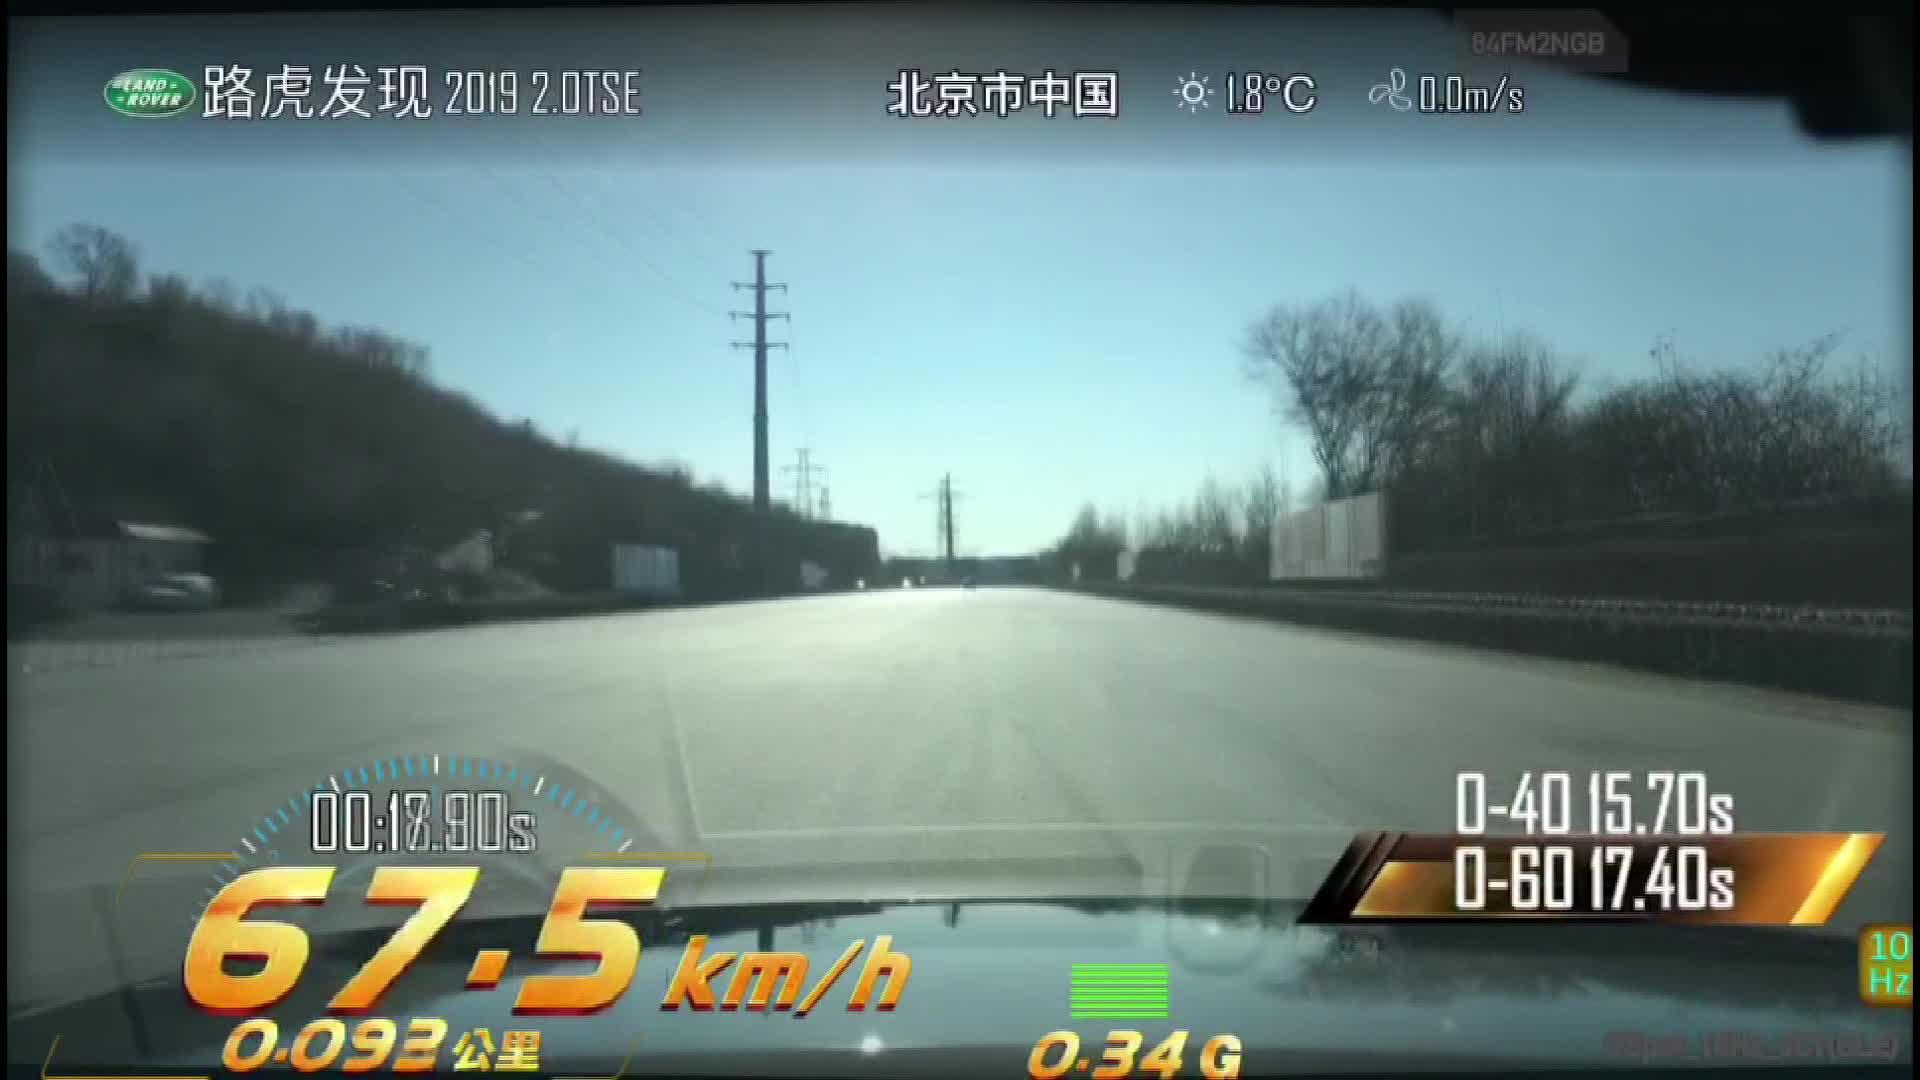 发现制动视频39.0米